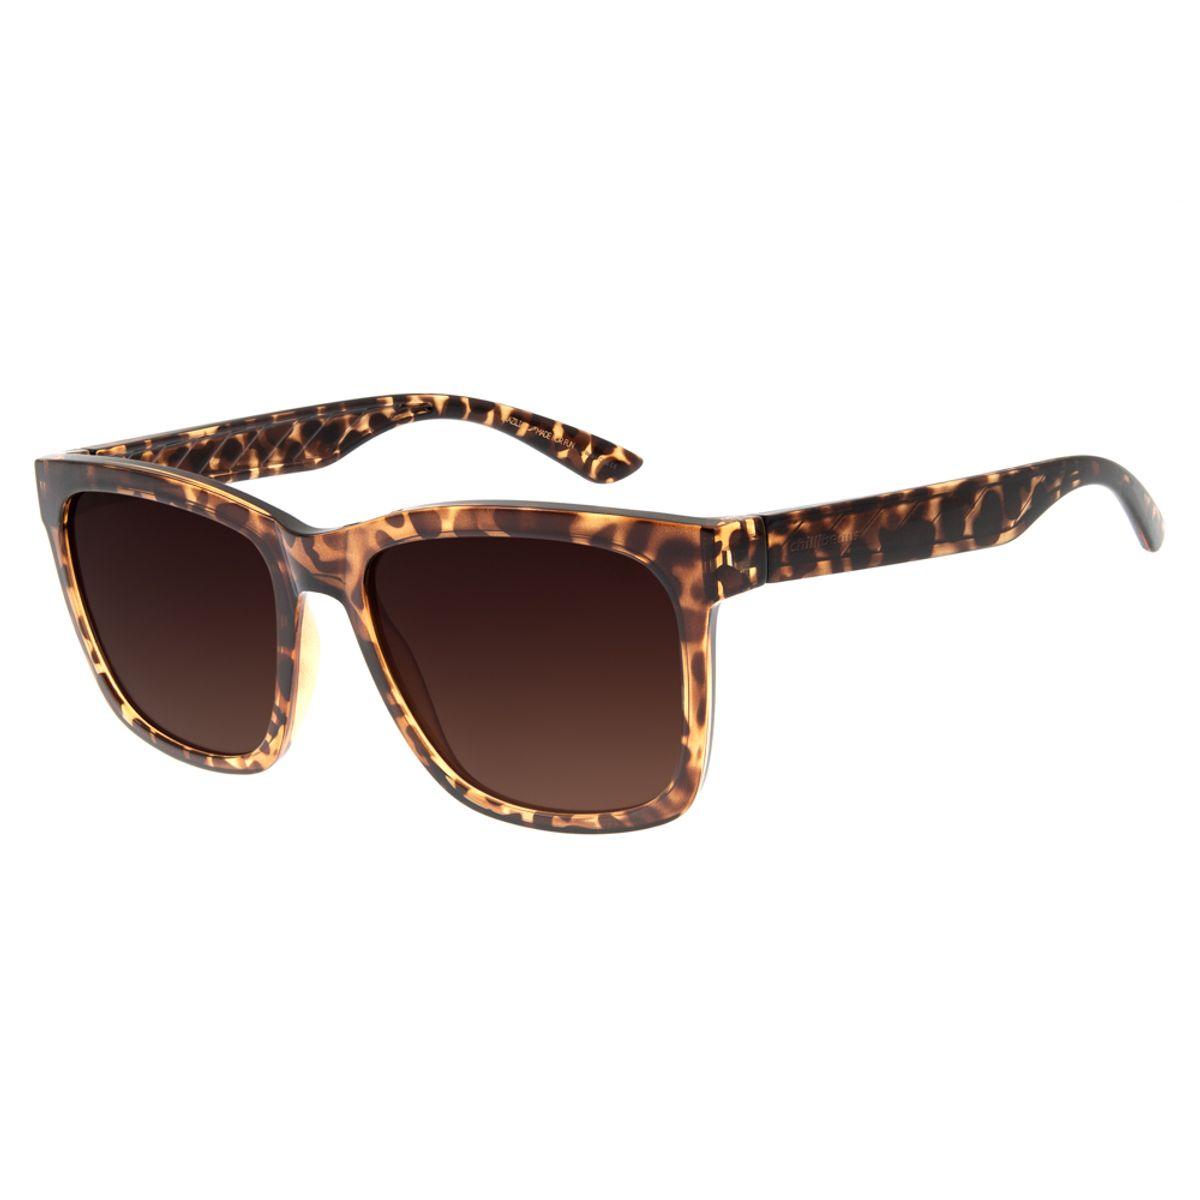 4fcc46aa1 Óculos de Sol Feminino Chilli Beans Hollywood Diva Tartaruga Marrom ...